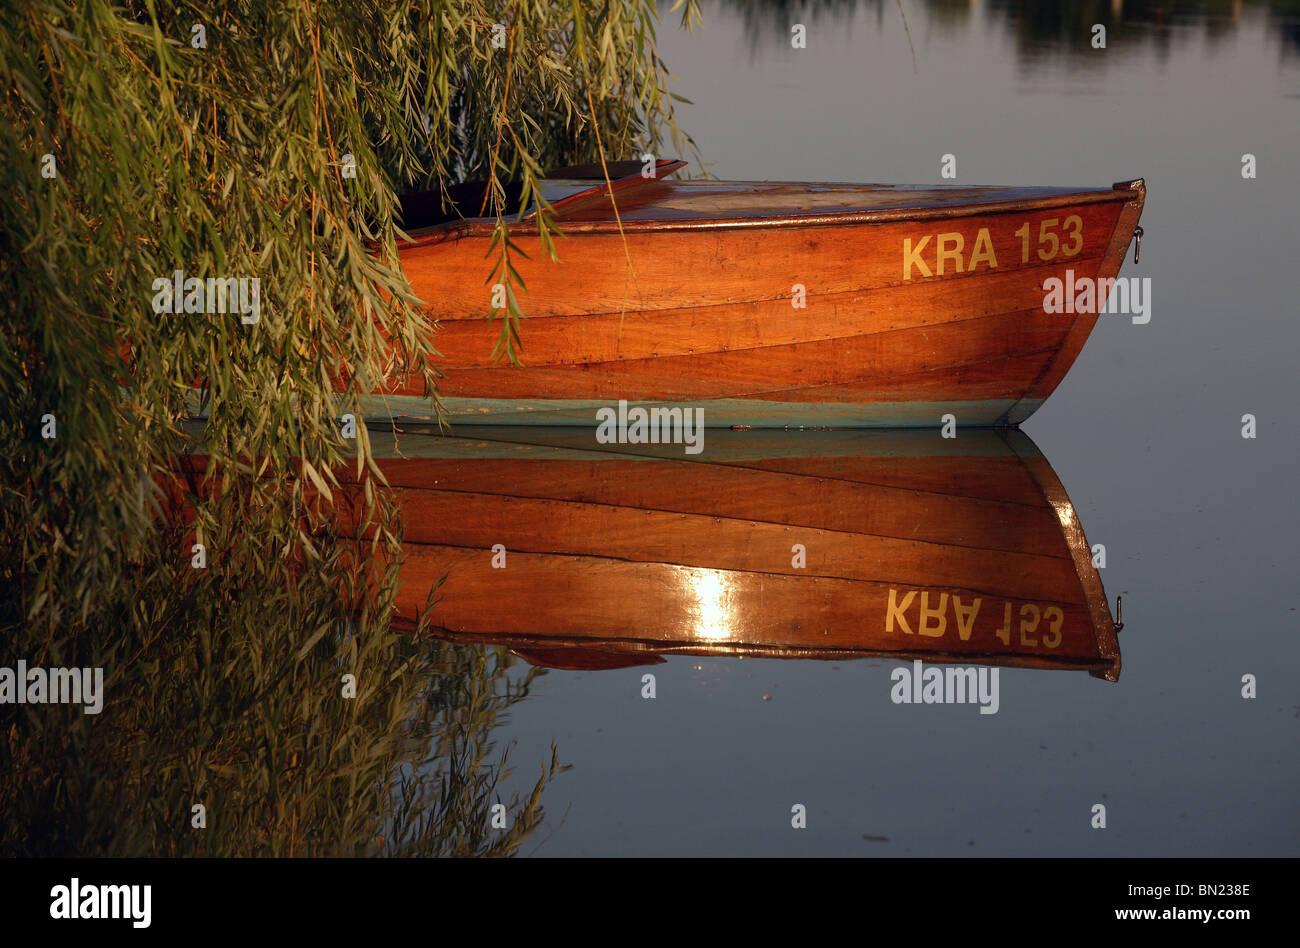 Un bateau en bois vide sous un saule, Prangendorf, Allemagne Banque D'Images